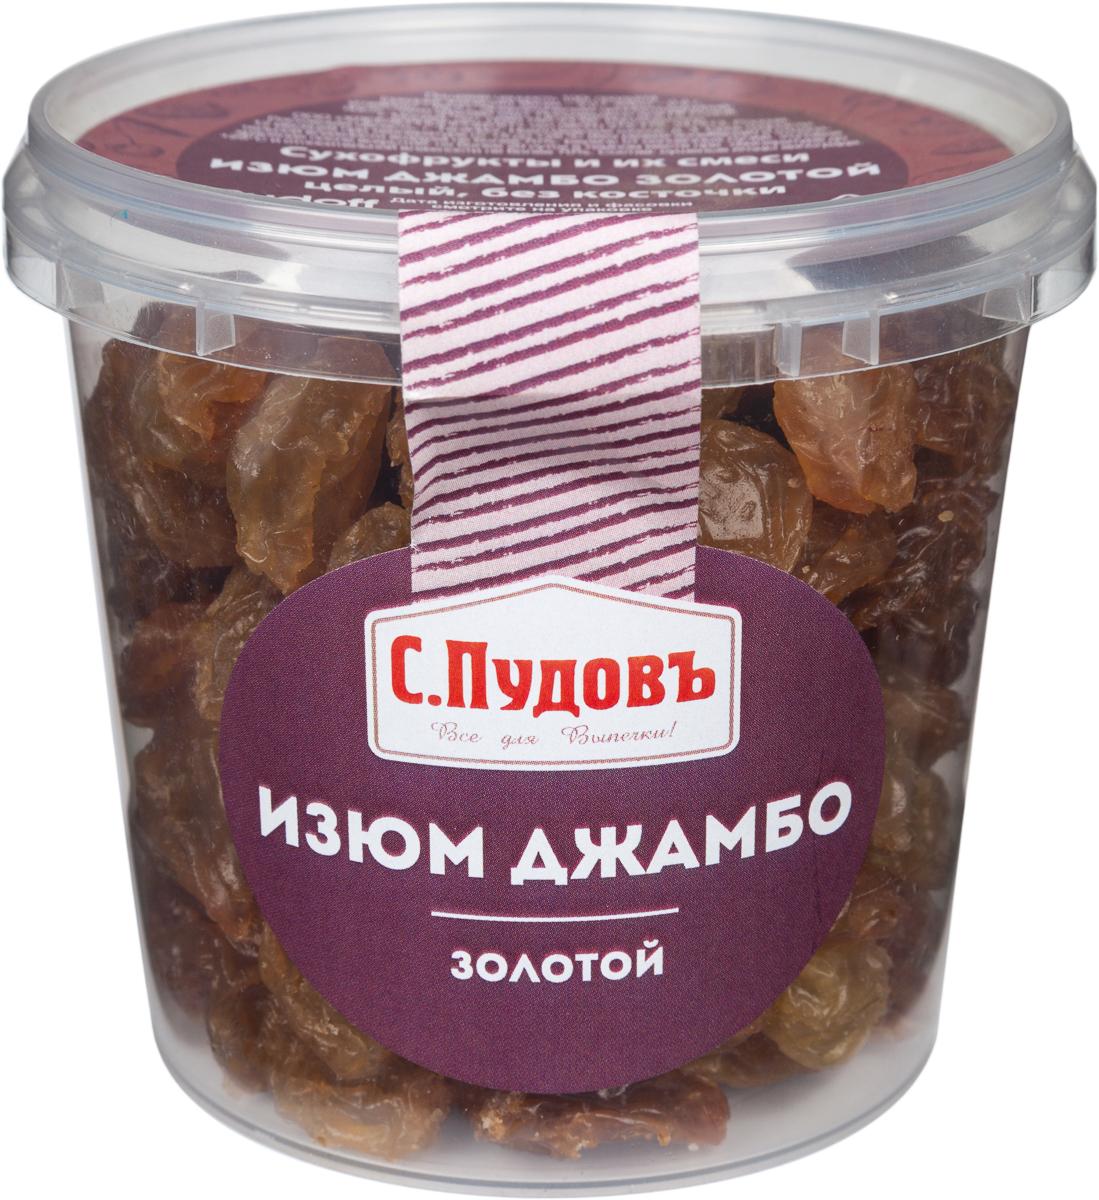 Пудовъ изюм Джамбо золотой, 190 г0120710Изюм Джамбо от торговой марки С. Пудовъ - это один из самых полезных сортов изюма. Подойдет не только для добавления в блюда, но и для их украшения. Изюм Джамбо обладает приятным уникальным вкусом.